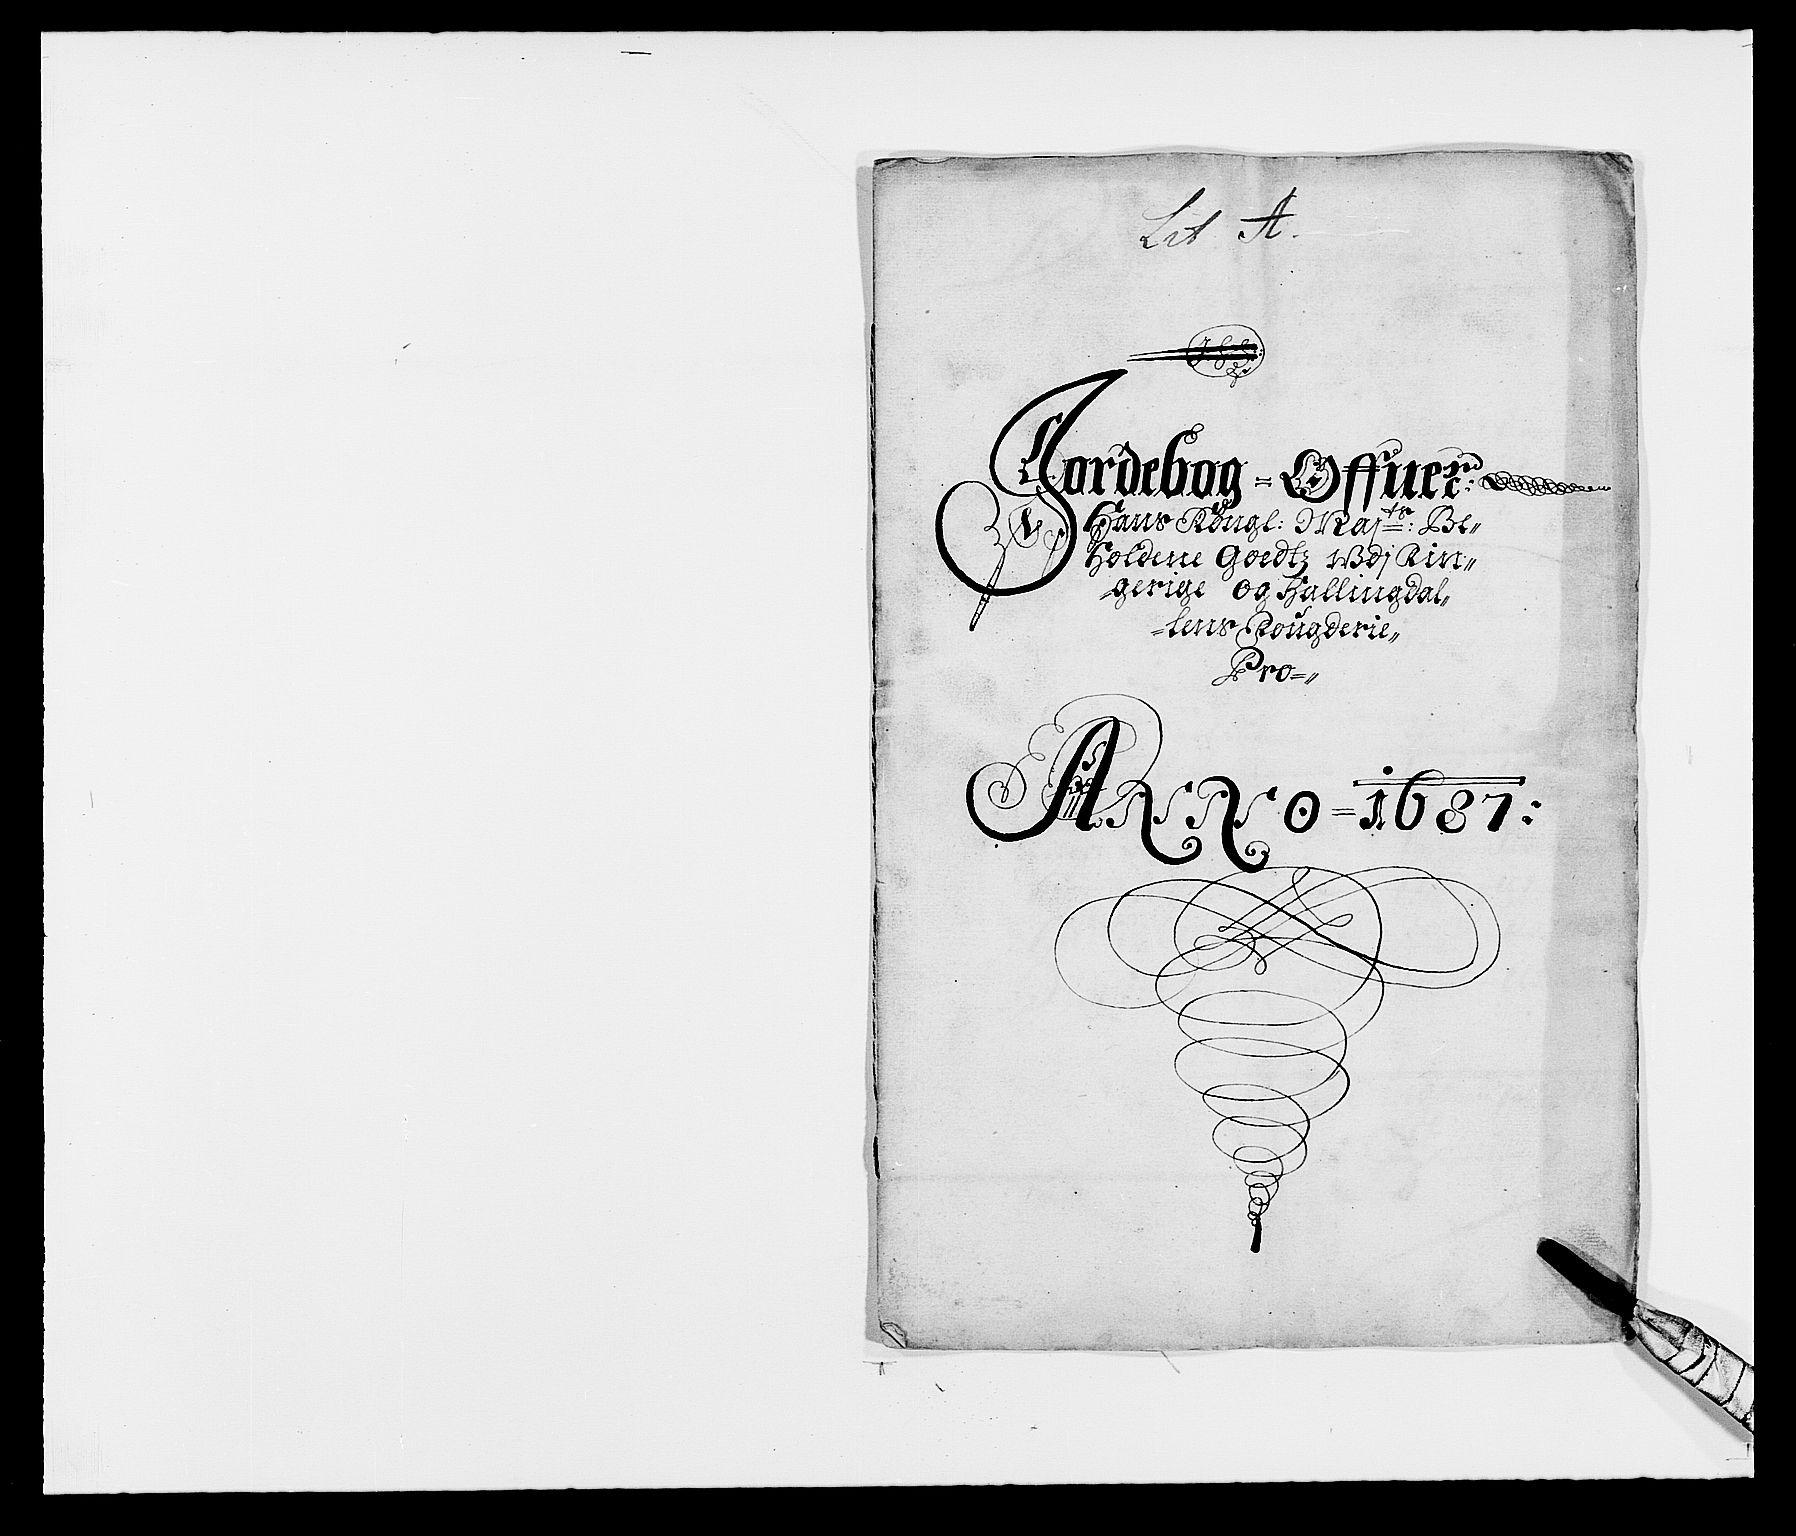 RA, Rentekammeret inntil 1814, Reviderte regnskaper, Fogderegnskap, R21/L1447: Fogderegnskap Ringerike og Hallingdal, 1687-1689, s. 7